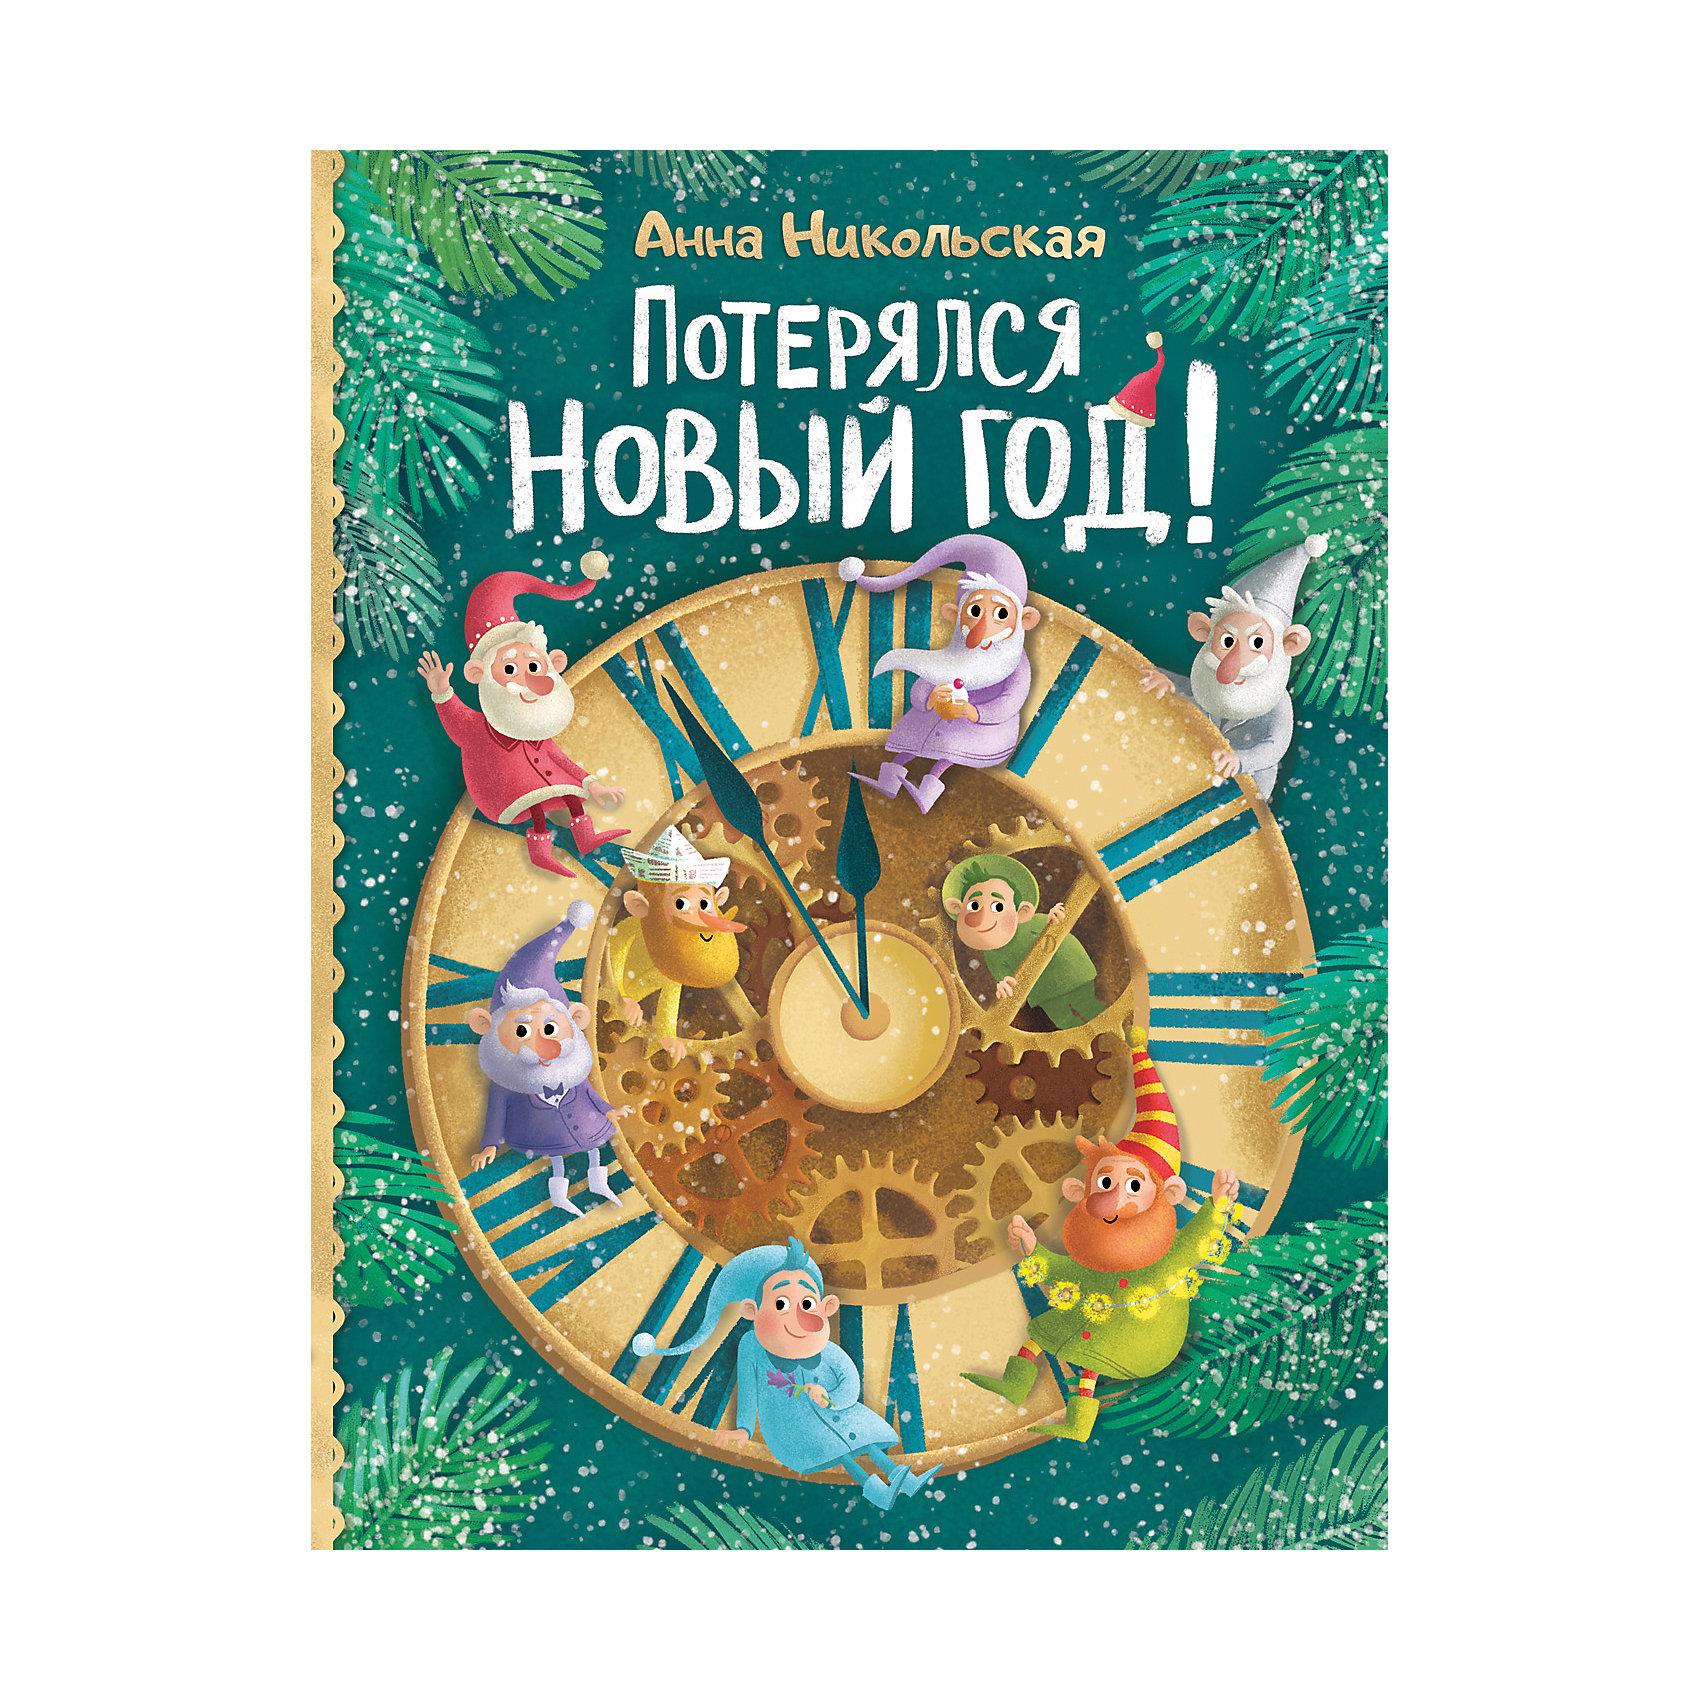 Потерялся Новый год! А. НикольскаяХарактеристики товара:<br><br>- цвет: разноцветный;<br>- материал: бумага;<br>- страниц: 80;<br>- формат: 26 x 20 см;<br>- обложка: твердая;<br>- возраст: от пяти лет;<br>- цветные иллюстрации.<br><br>Эта интересная книга с яркими иллюстрациями станет отличным подарком для ребенка. Она содержит в себе поучительные и захватывающие приключения, причем сюжет - на новогоднюю тематику! Талантливый иллюстратор дополнил книгу яркими картинками, которые помогают ребенку проникнуться духом волшебства.<br>Чтение - отличный способ активизации мышления, оно помогает ребенку развивать зрительную память, концентрацию внимания и воображение. Издание произведено из качественных материалов, которые безопасны даже для самых маленьких.<br><br>Издание Потерялся Новый год! А. Никольская от компании Росмэн можно купить в нашем интернет-магазине.<br><br>Ширина мм: 263<br>Глубина мм: 204<br>Высота мм: 8<br>Вес г: 340<br>Возраст от месяцев: 60<br>Возраст до месяцев: 84<br>Пол: Унисекс<br>Возраст: Детский<br>SKU: 5109799